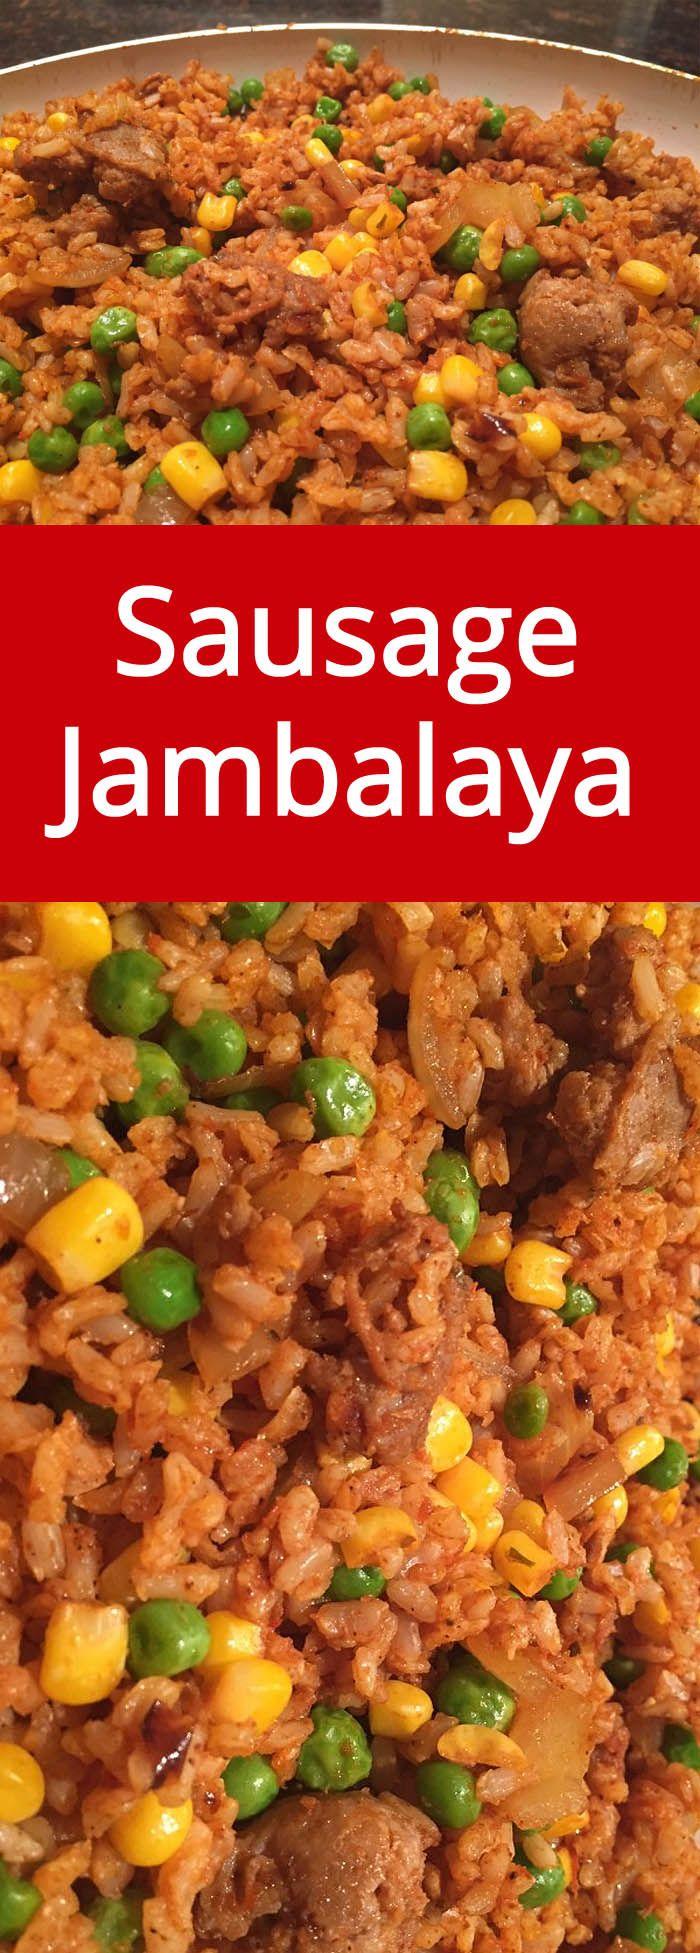 Sausage Jambalaya Recipe | MelanieCooks.com